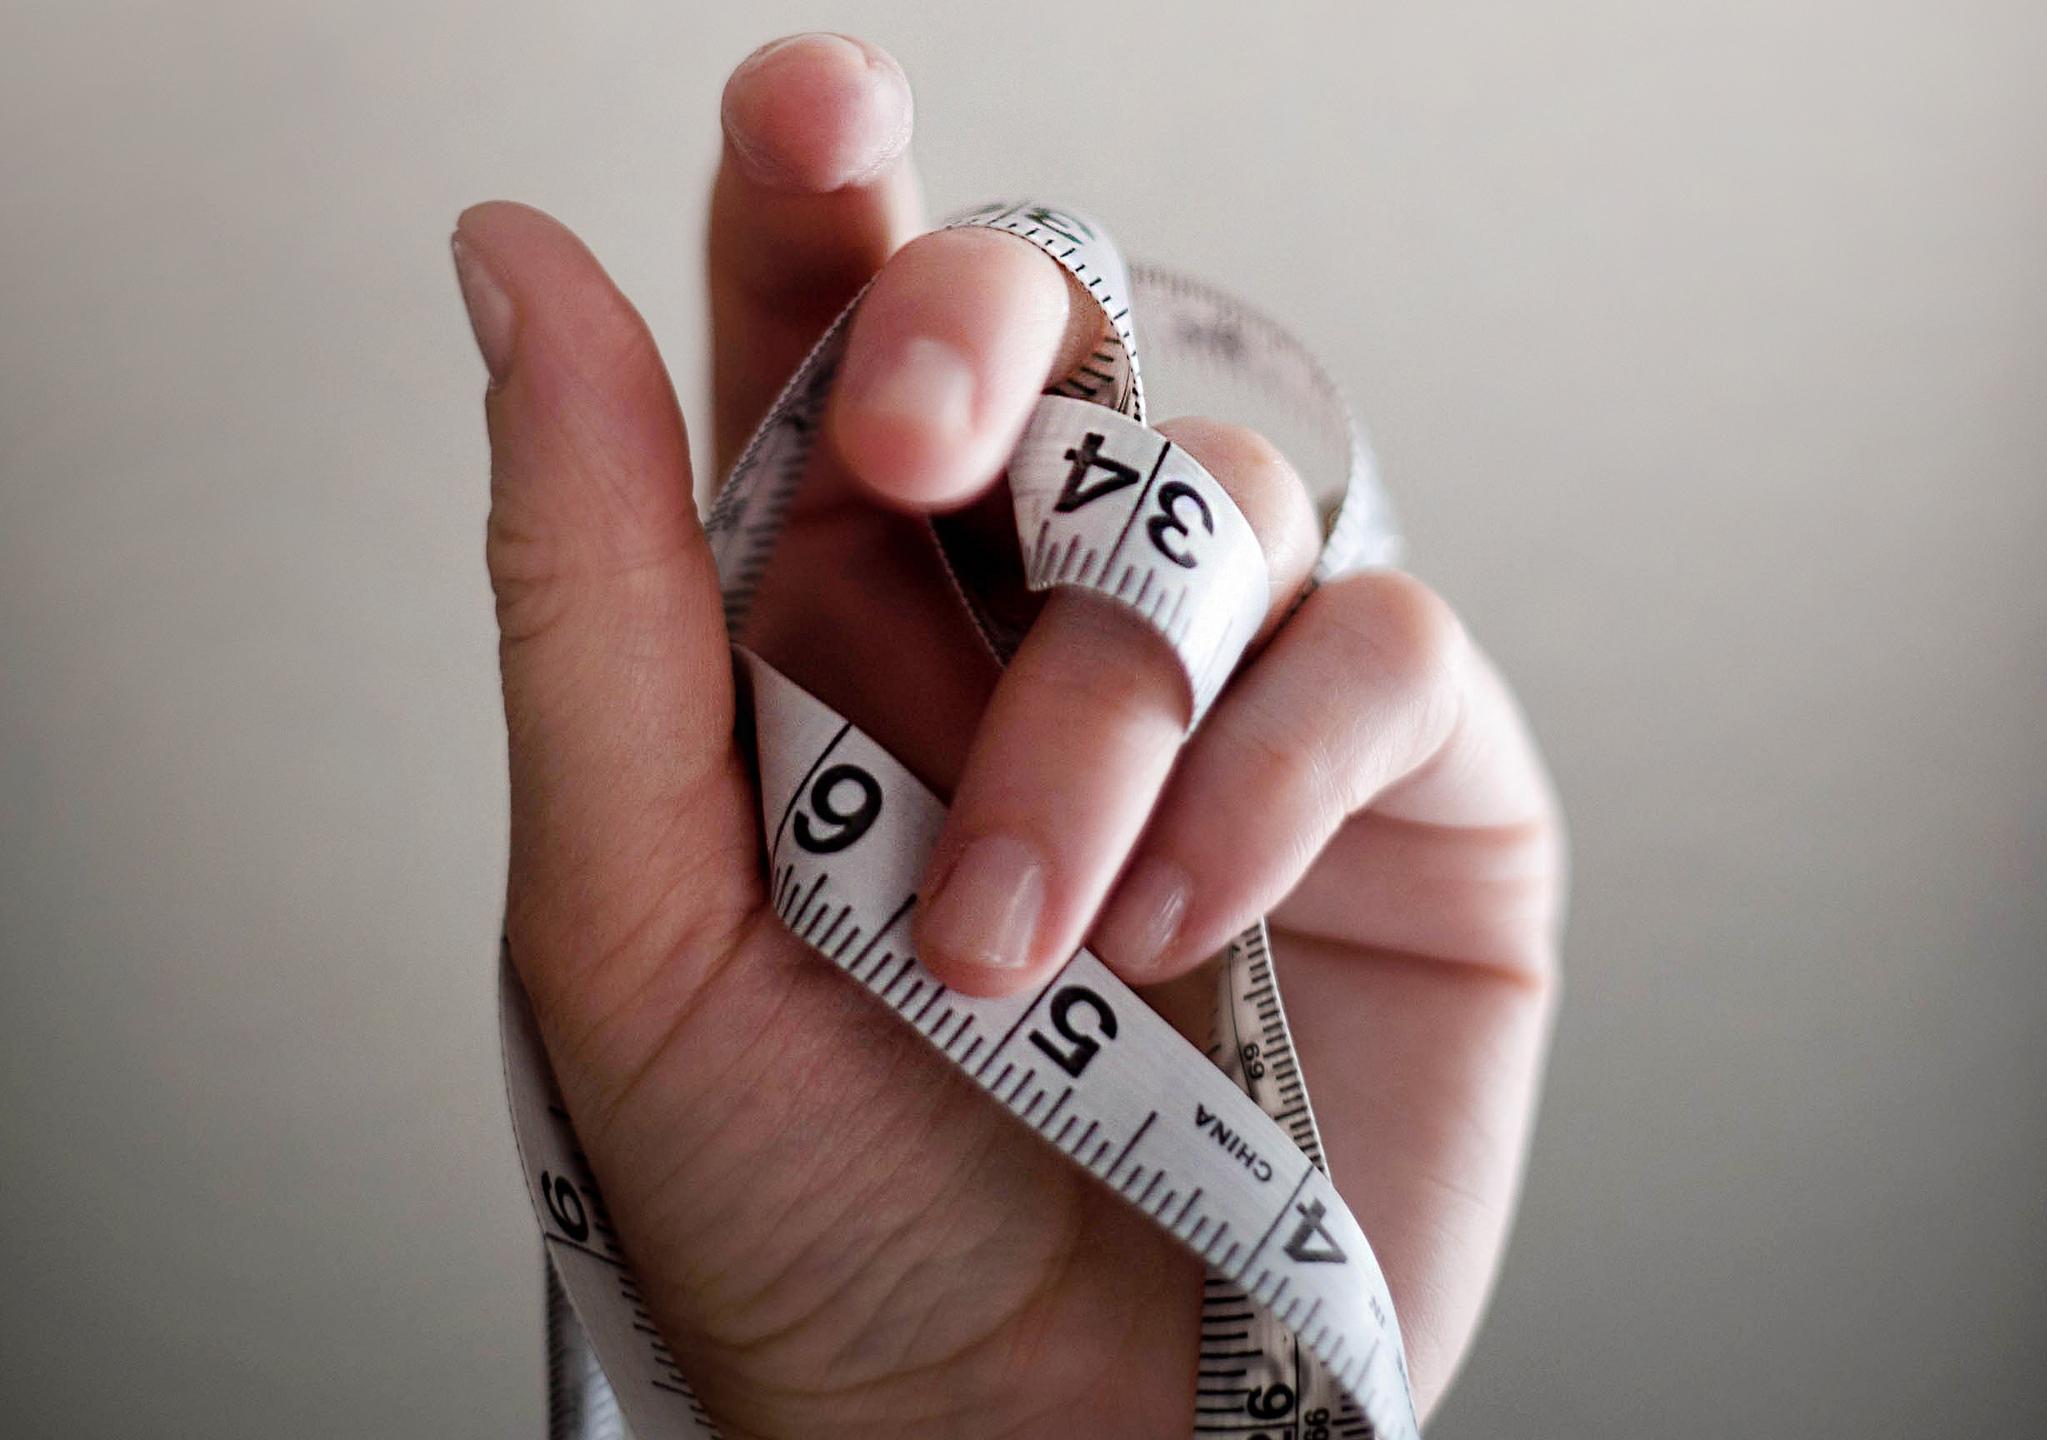 식욕억제제는 비만 치료 용도로 쓰인다. [사진 unsplash]